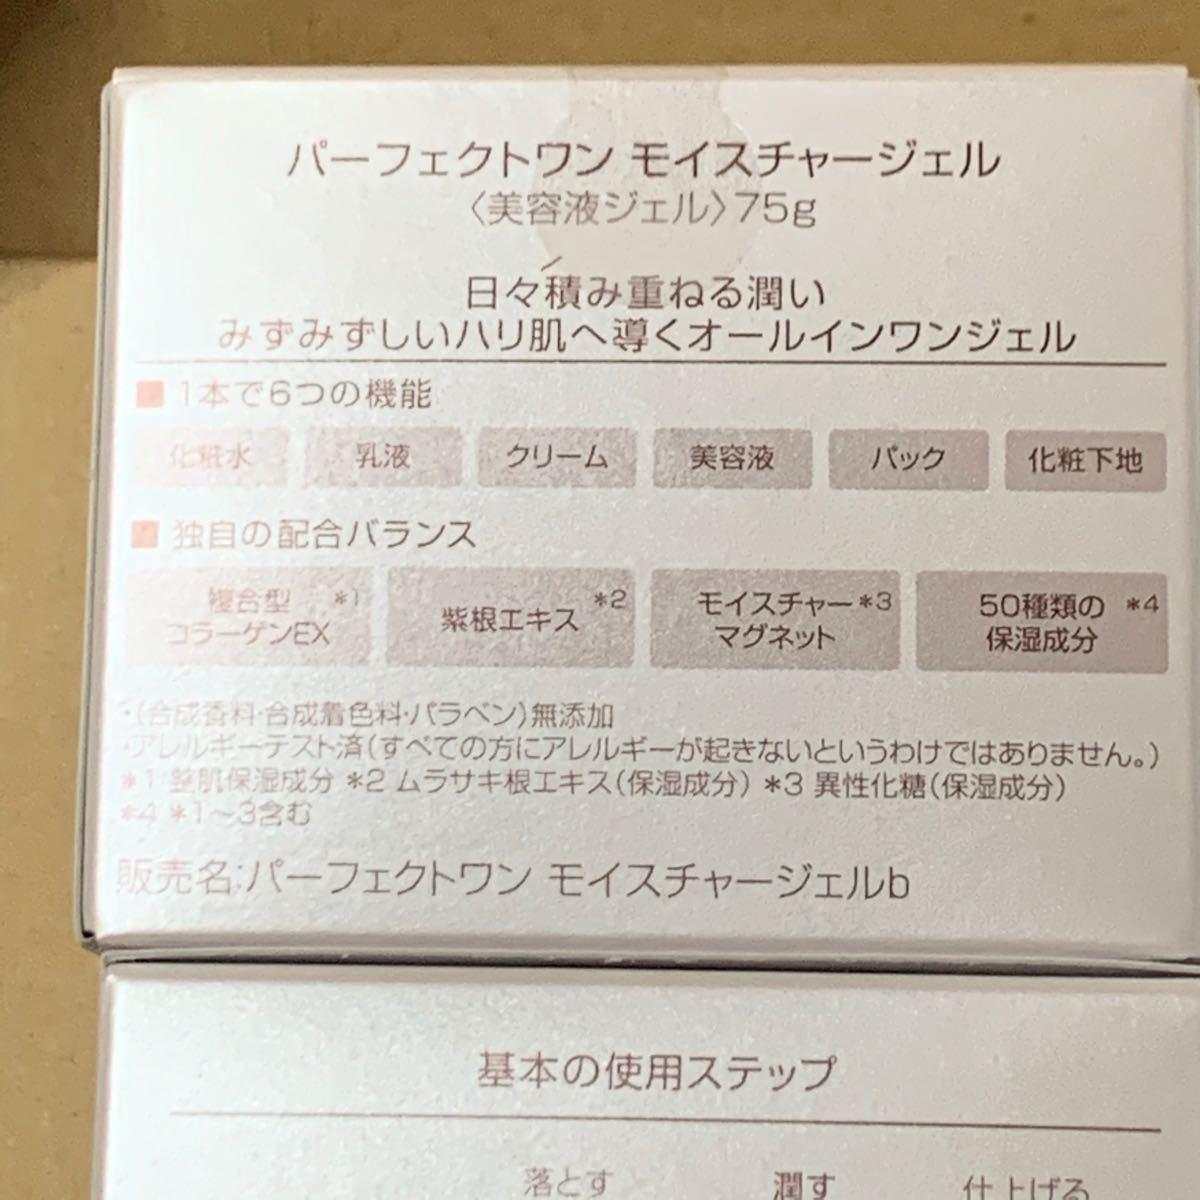 新日本製薬 パーフェクトワン 75g 4個セット モイスチャージェル